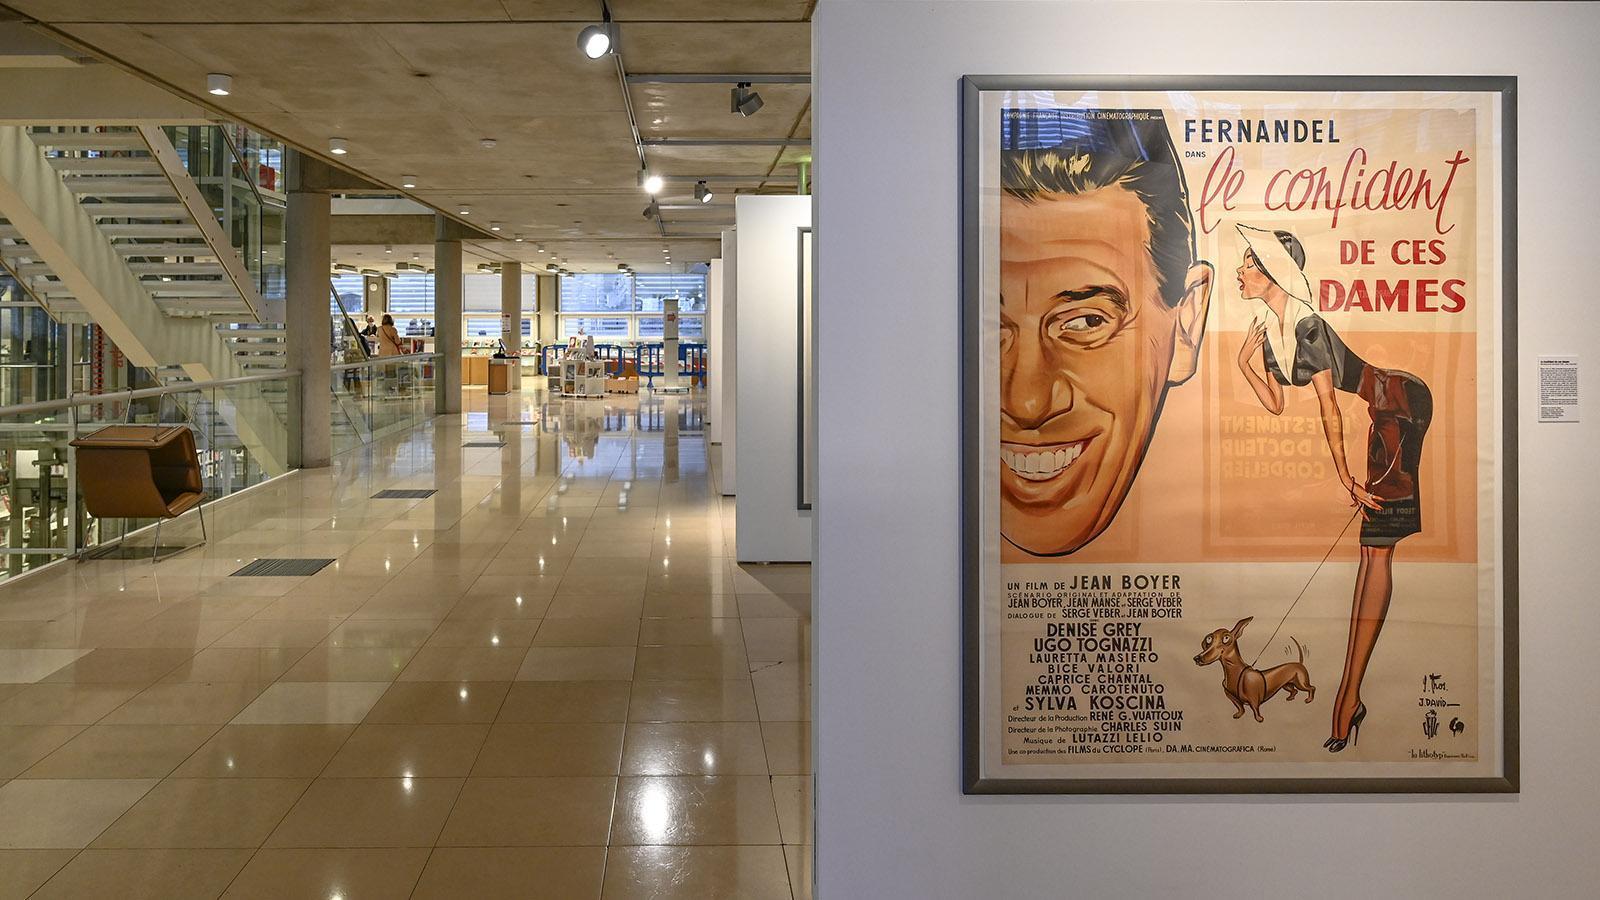 Nîmes: Im Erdgeschoss des Carré d'Art werden Wechselausstellungen gezeigt. Foto. Hilke Maunder